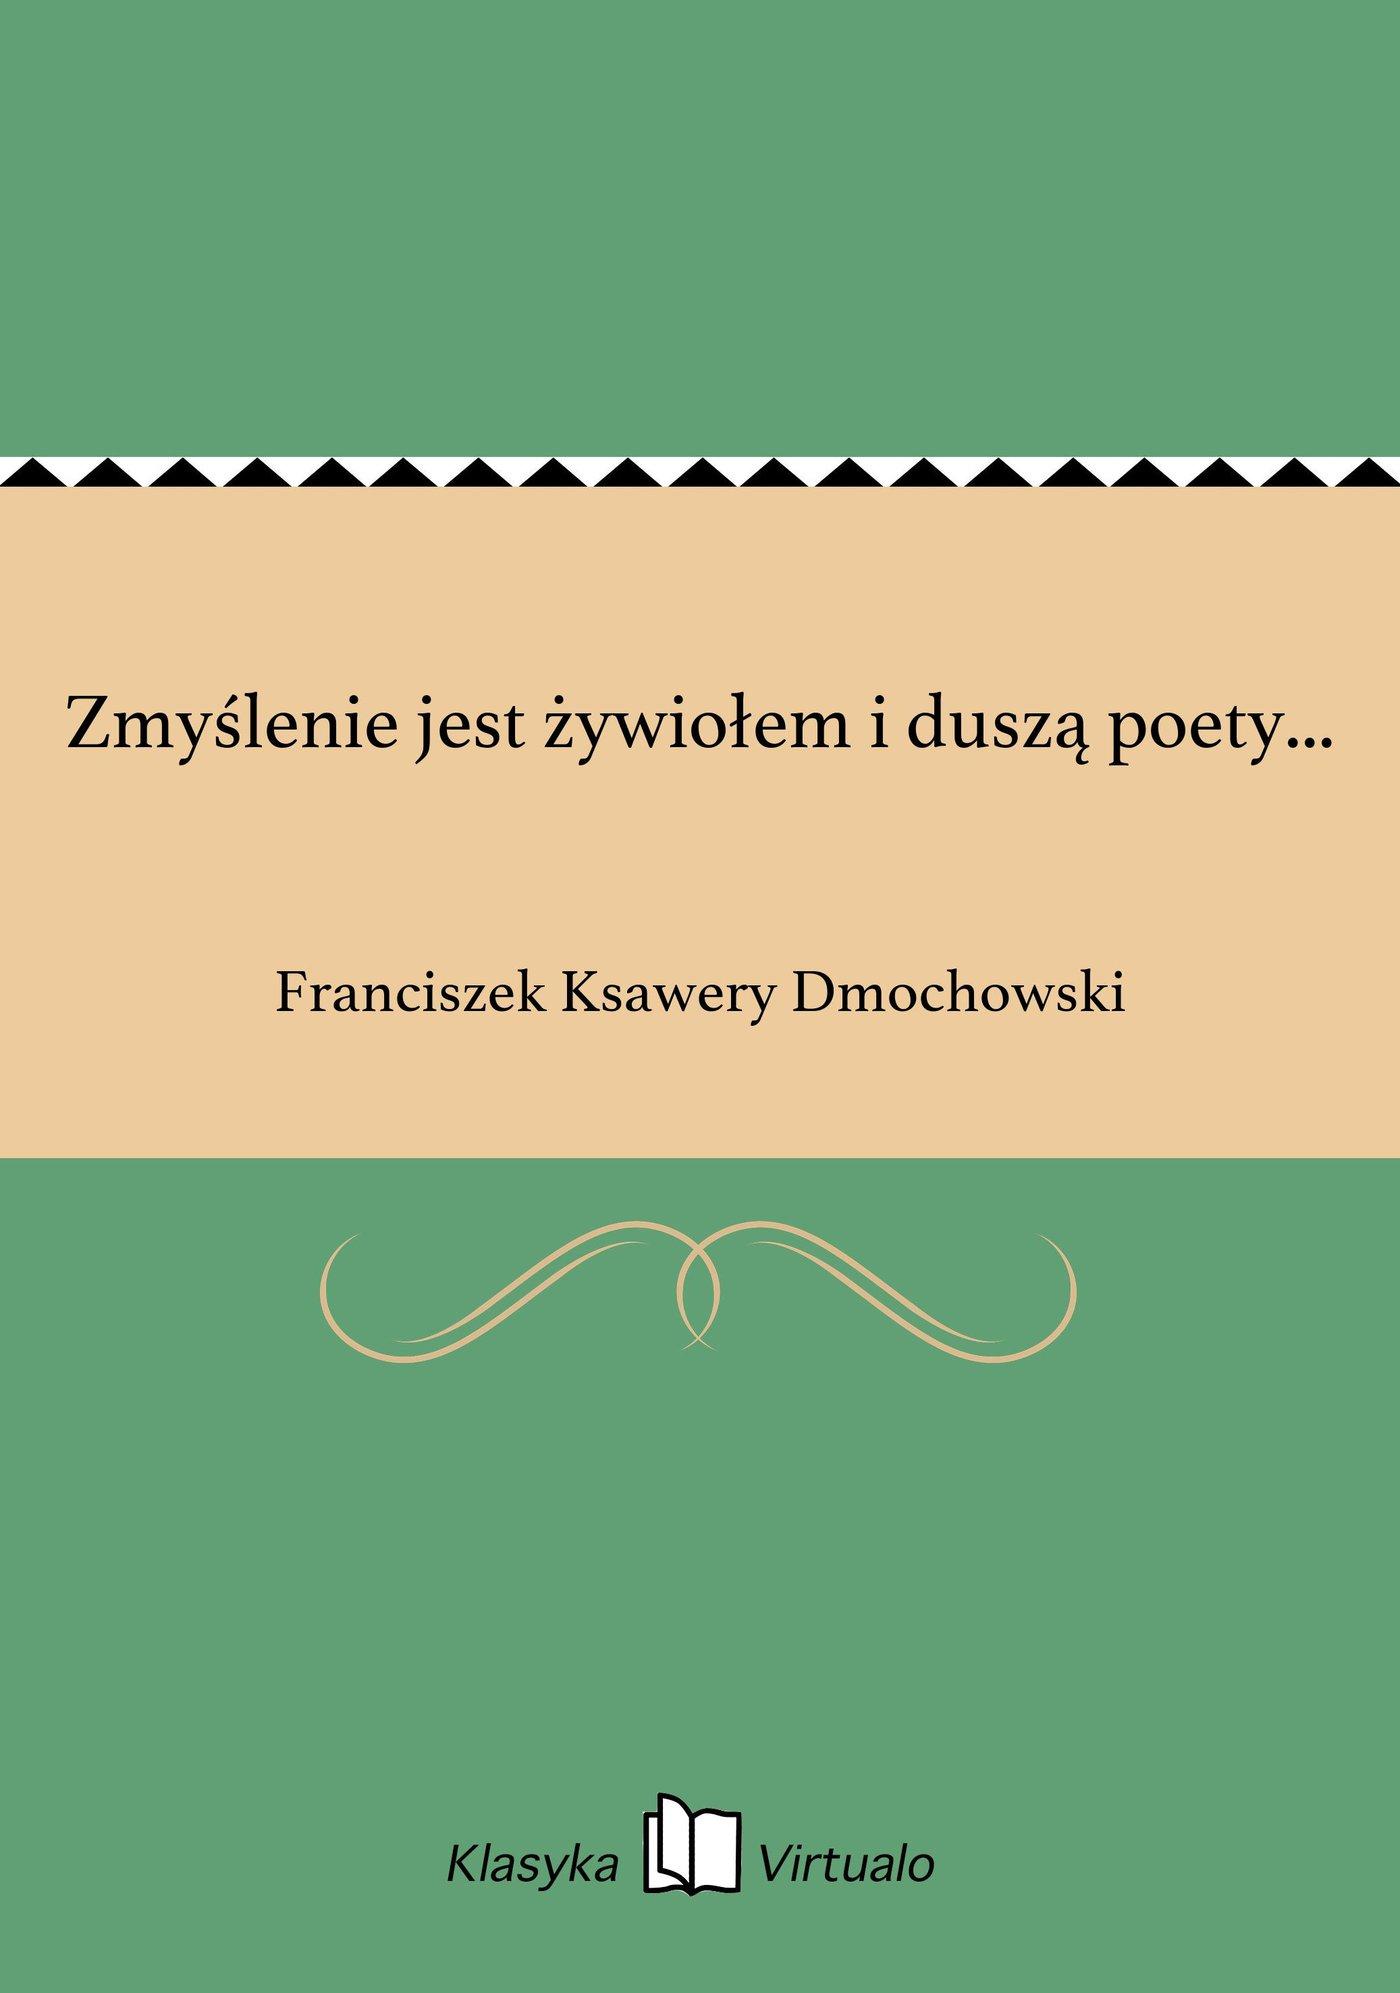 Zmyślenie jest żywiołem i duszą poety... - Ebook (Książka EPUB) do pobrania w formacie EPUB